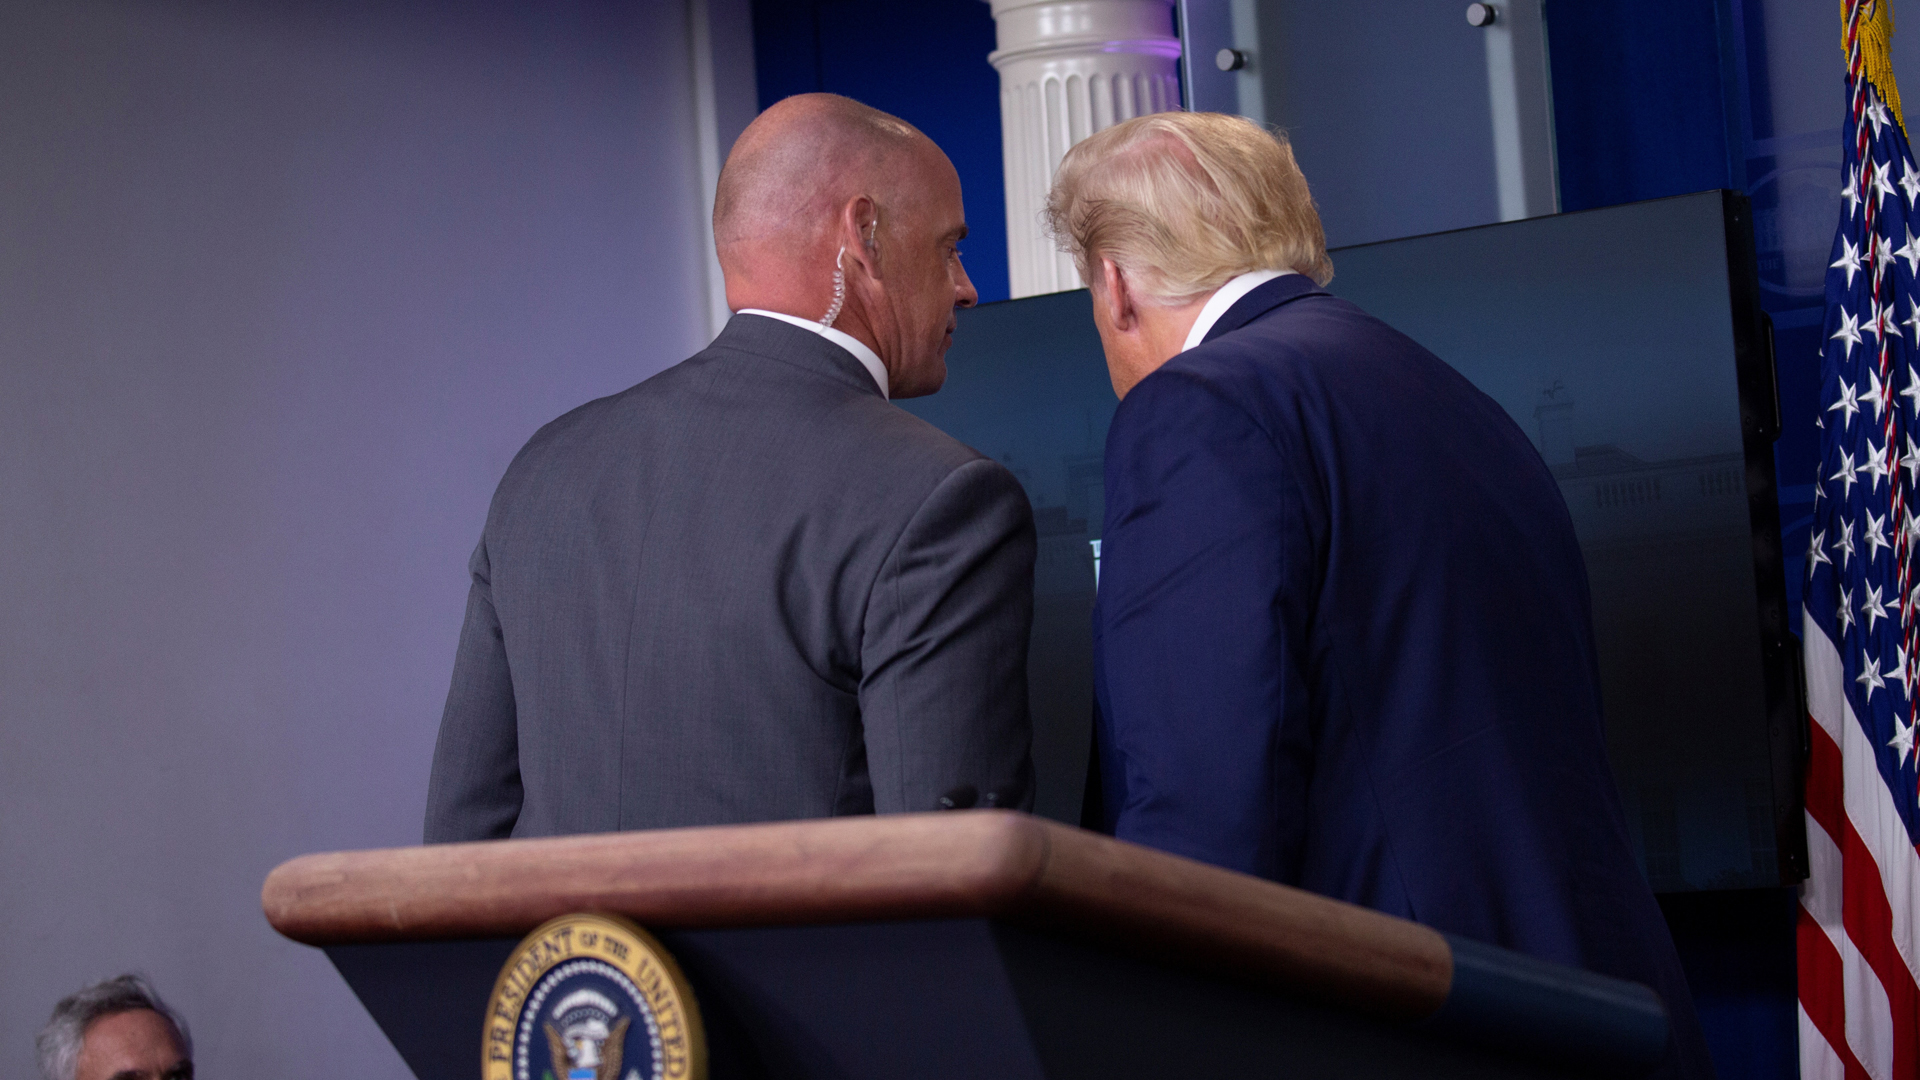 Video Servicio Secreto interrumpe en conferencia a Donald Trump ...